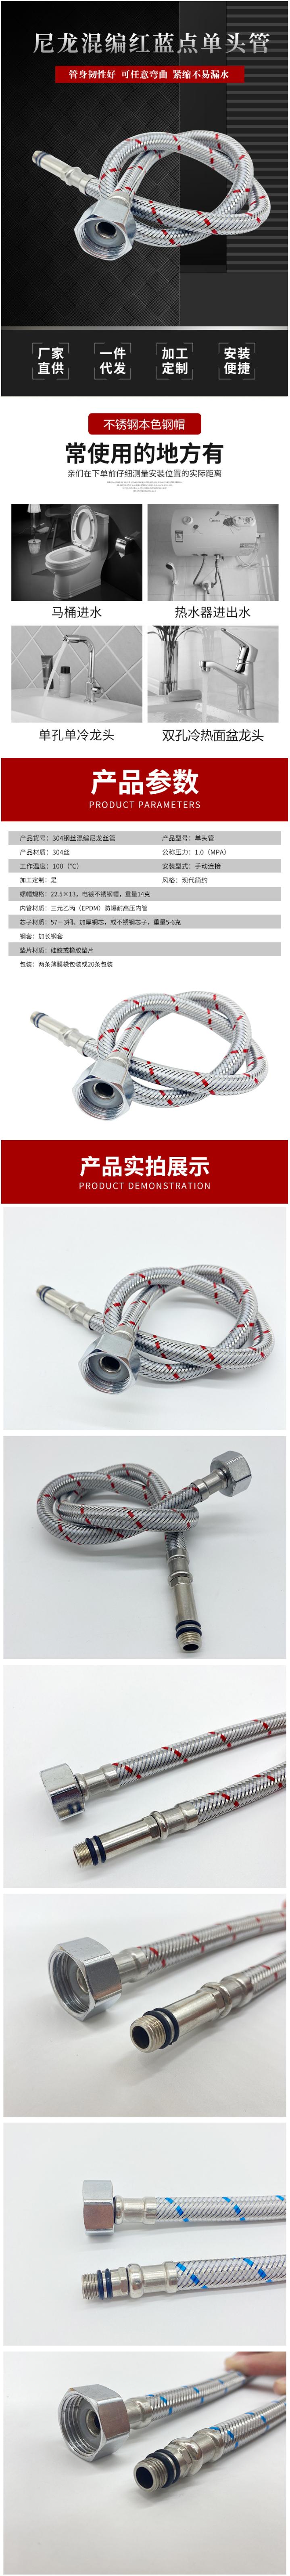 厂家直销白色PVC塑料编织软管 角阀水龙头热水器马桶上水管单头管-阿里巴巴.png